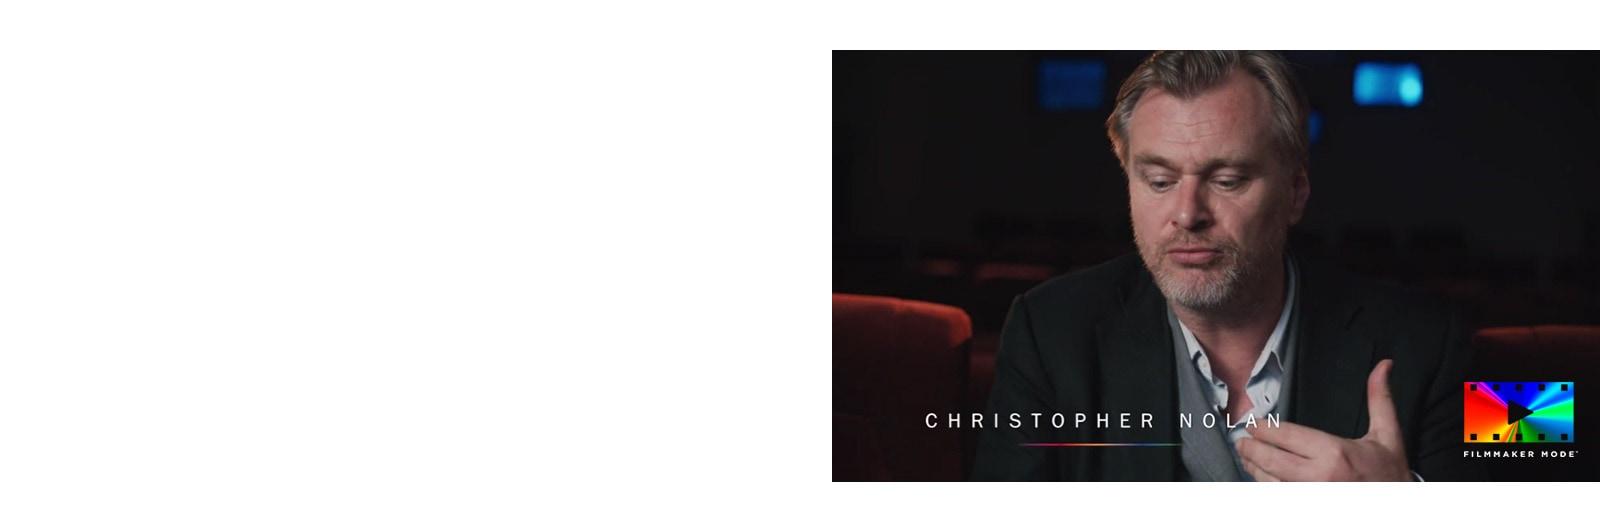 Entrevista de Christopher Nolan e outros diretores de fotografia, falando sobre a visão do FILMMAKER MODE™